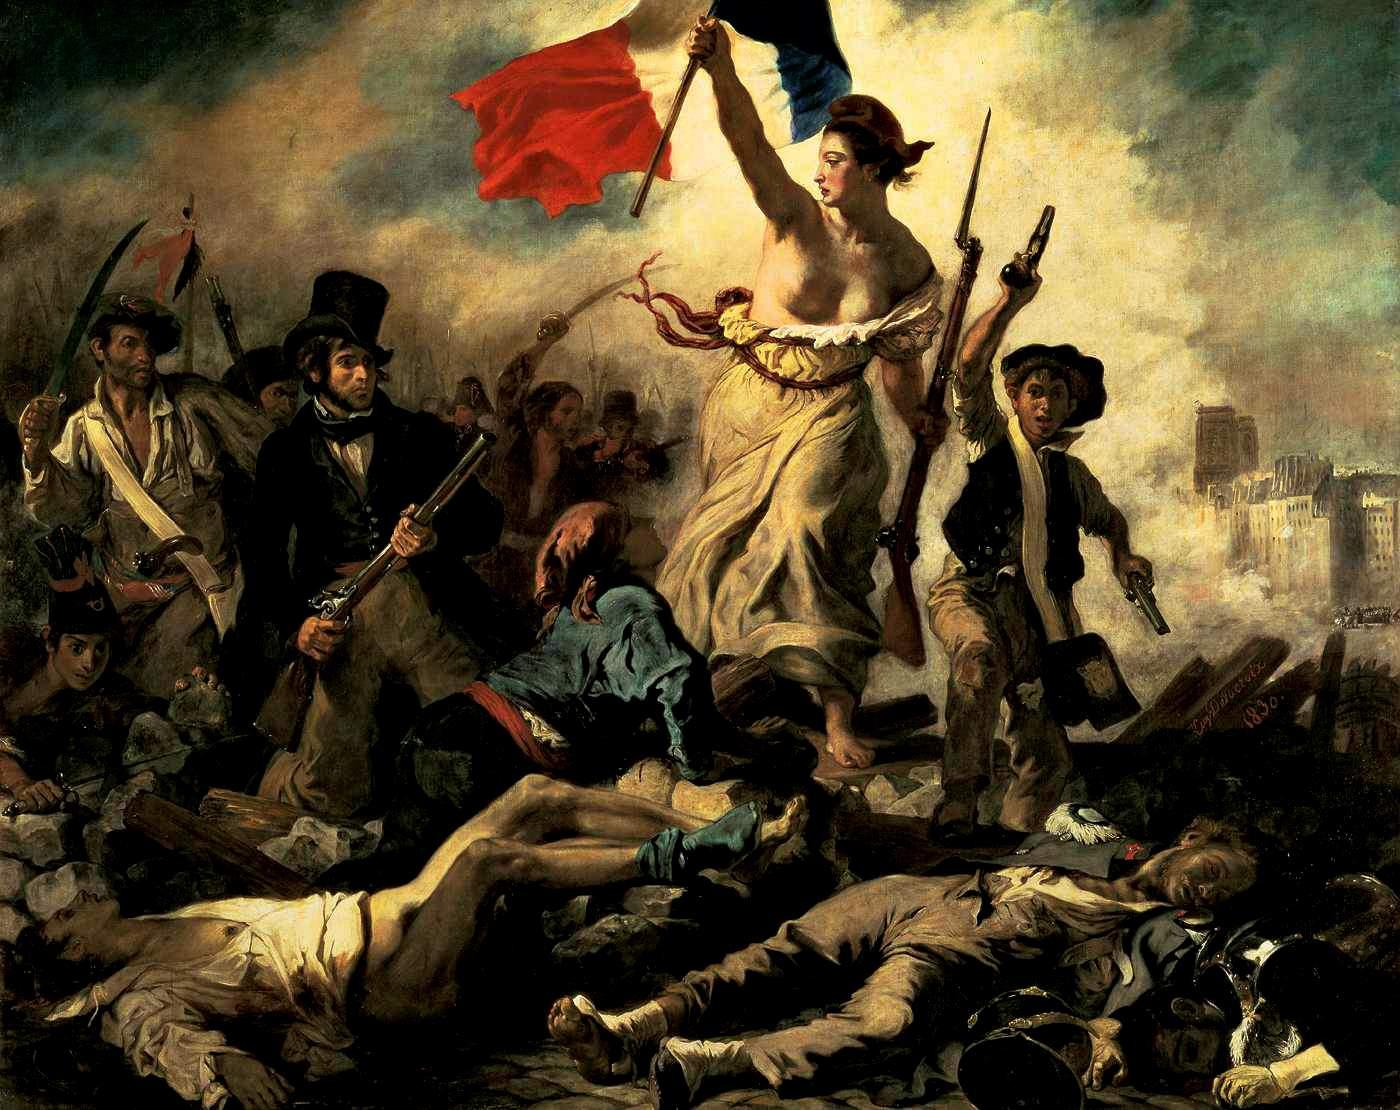 6)En 1830, Delacroix peint sa Liberté qui n'est pas une République, mais 1 liberté (Eugène n'étant pas républicain) https://t.co/pWNk2iUxBB